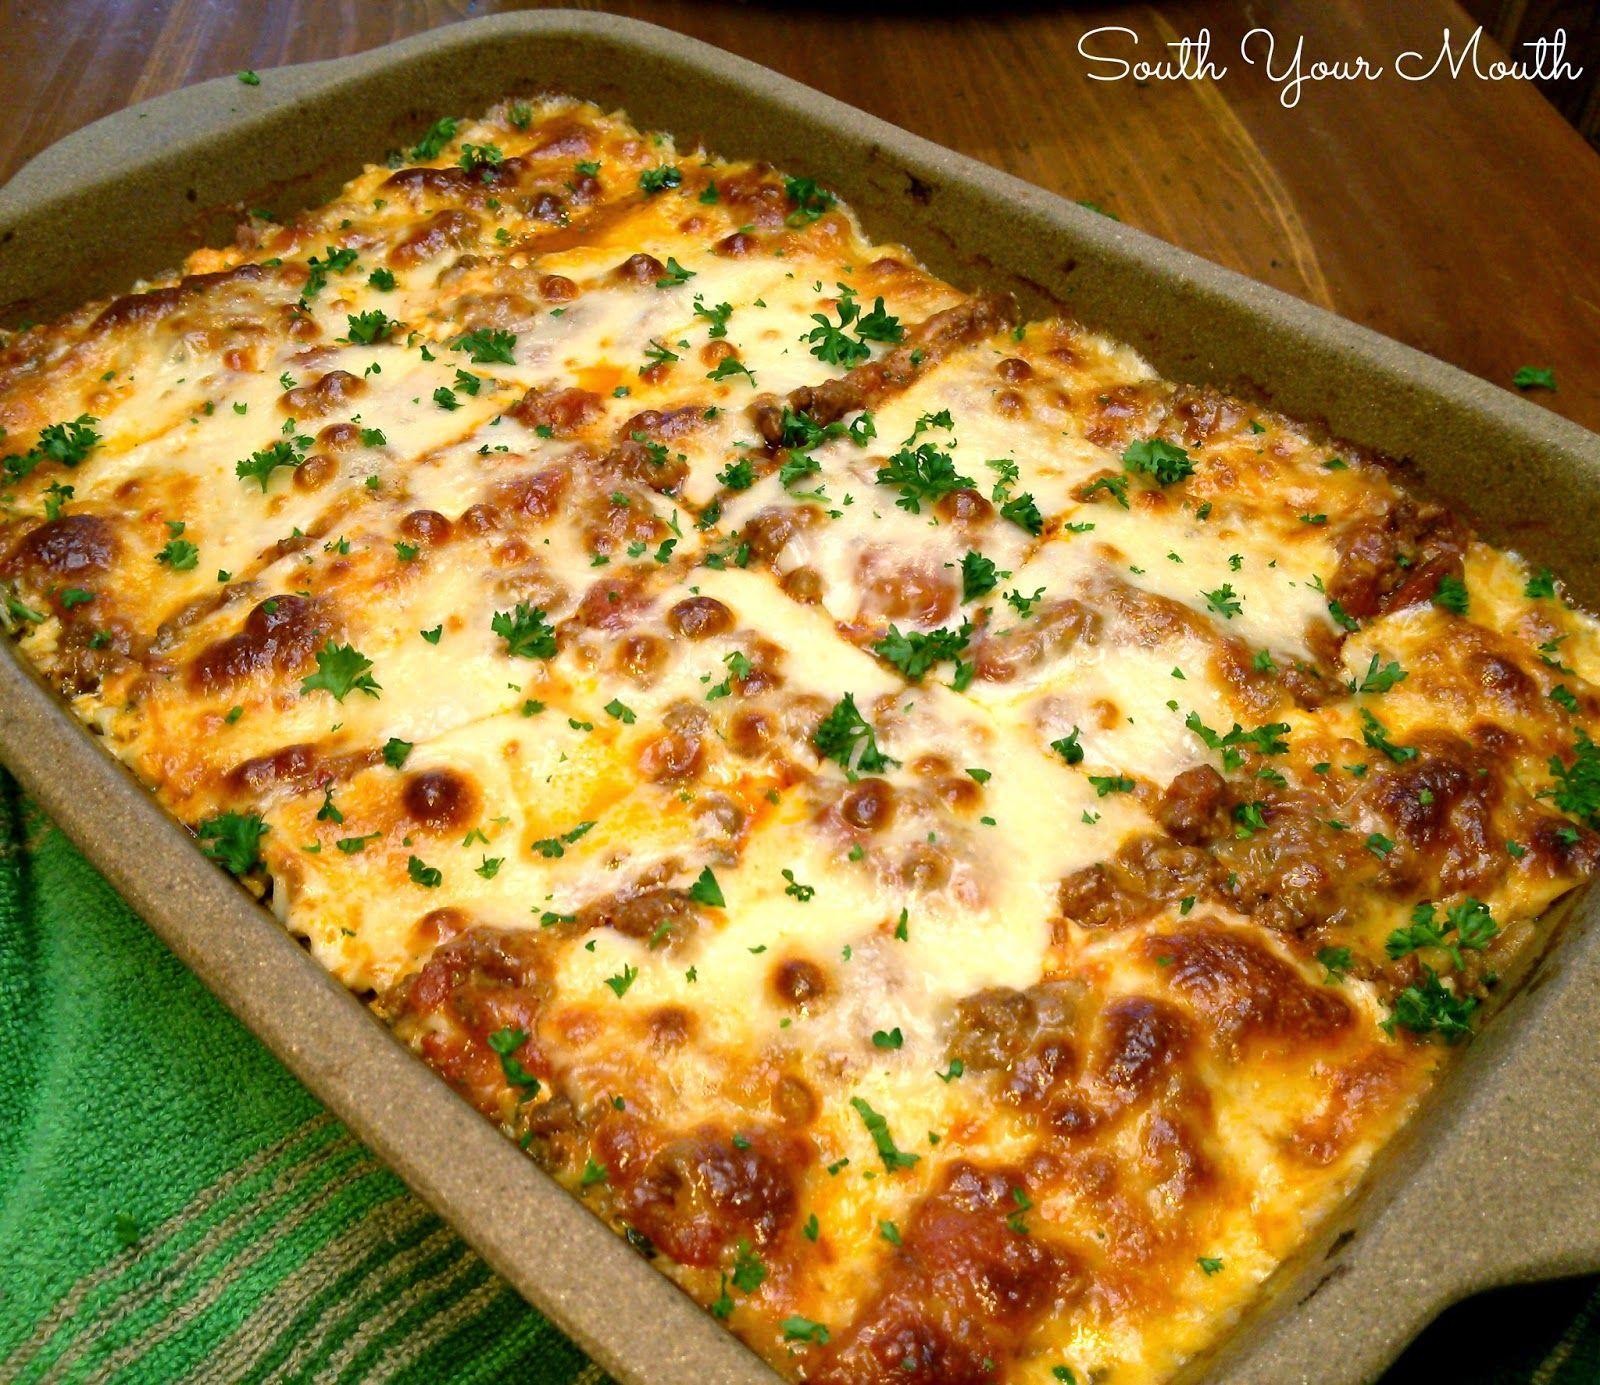 South Your Mouth Lasagna Recipe Recipes Classic Lasagna Food